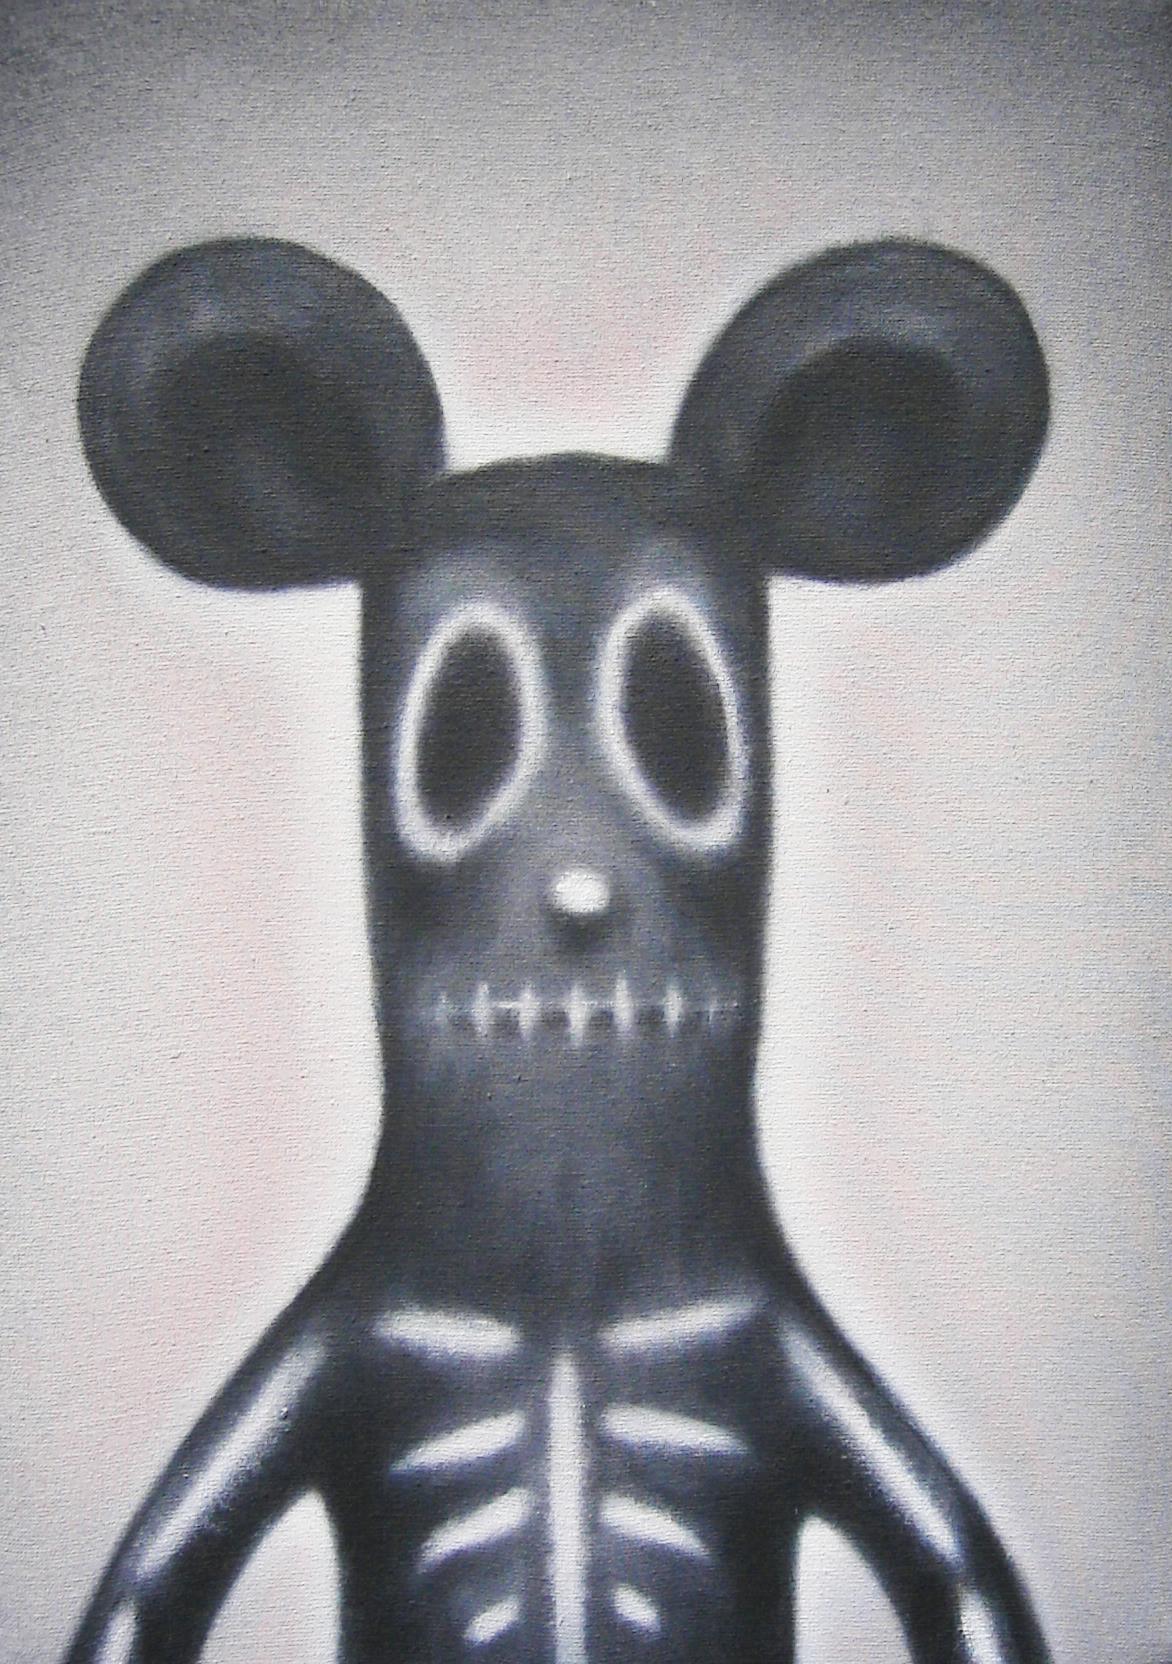 Luigi Presicce, Phantomouse, acrilico su tessuto, 2005, cm 35×25